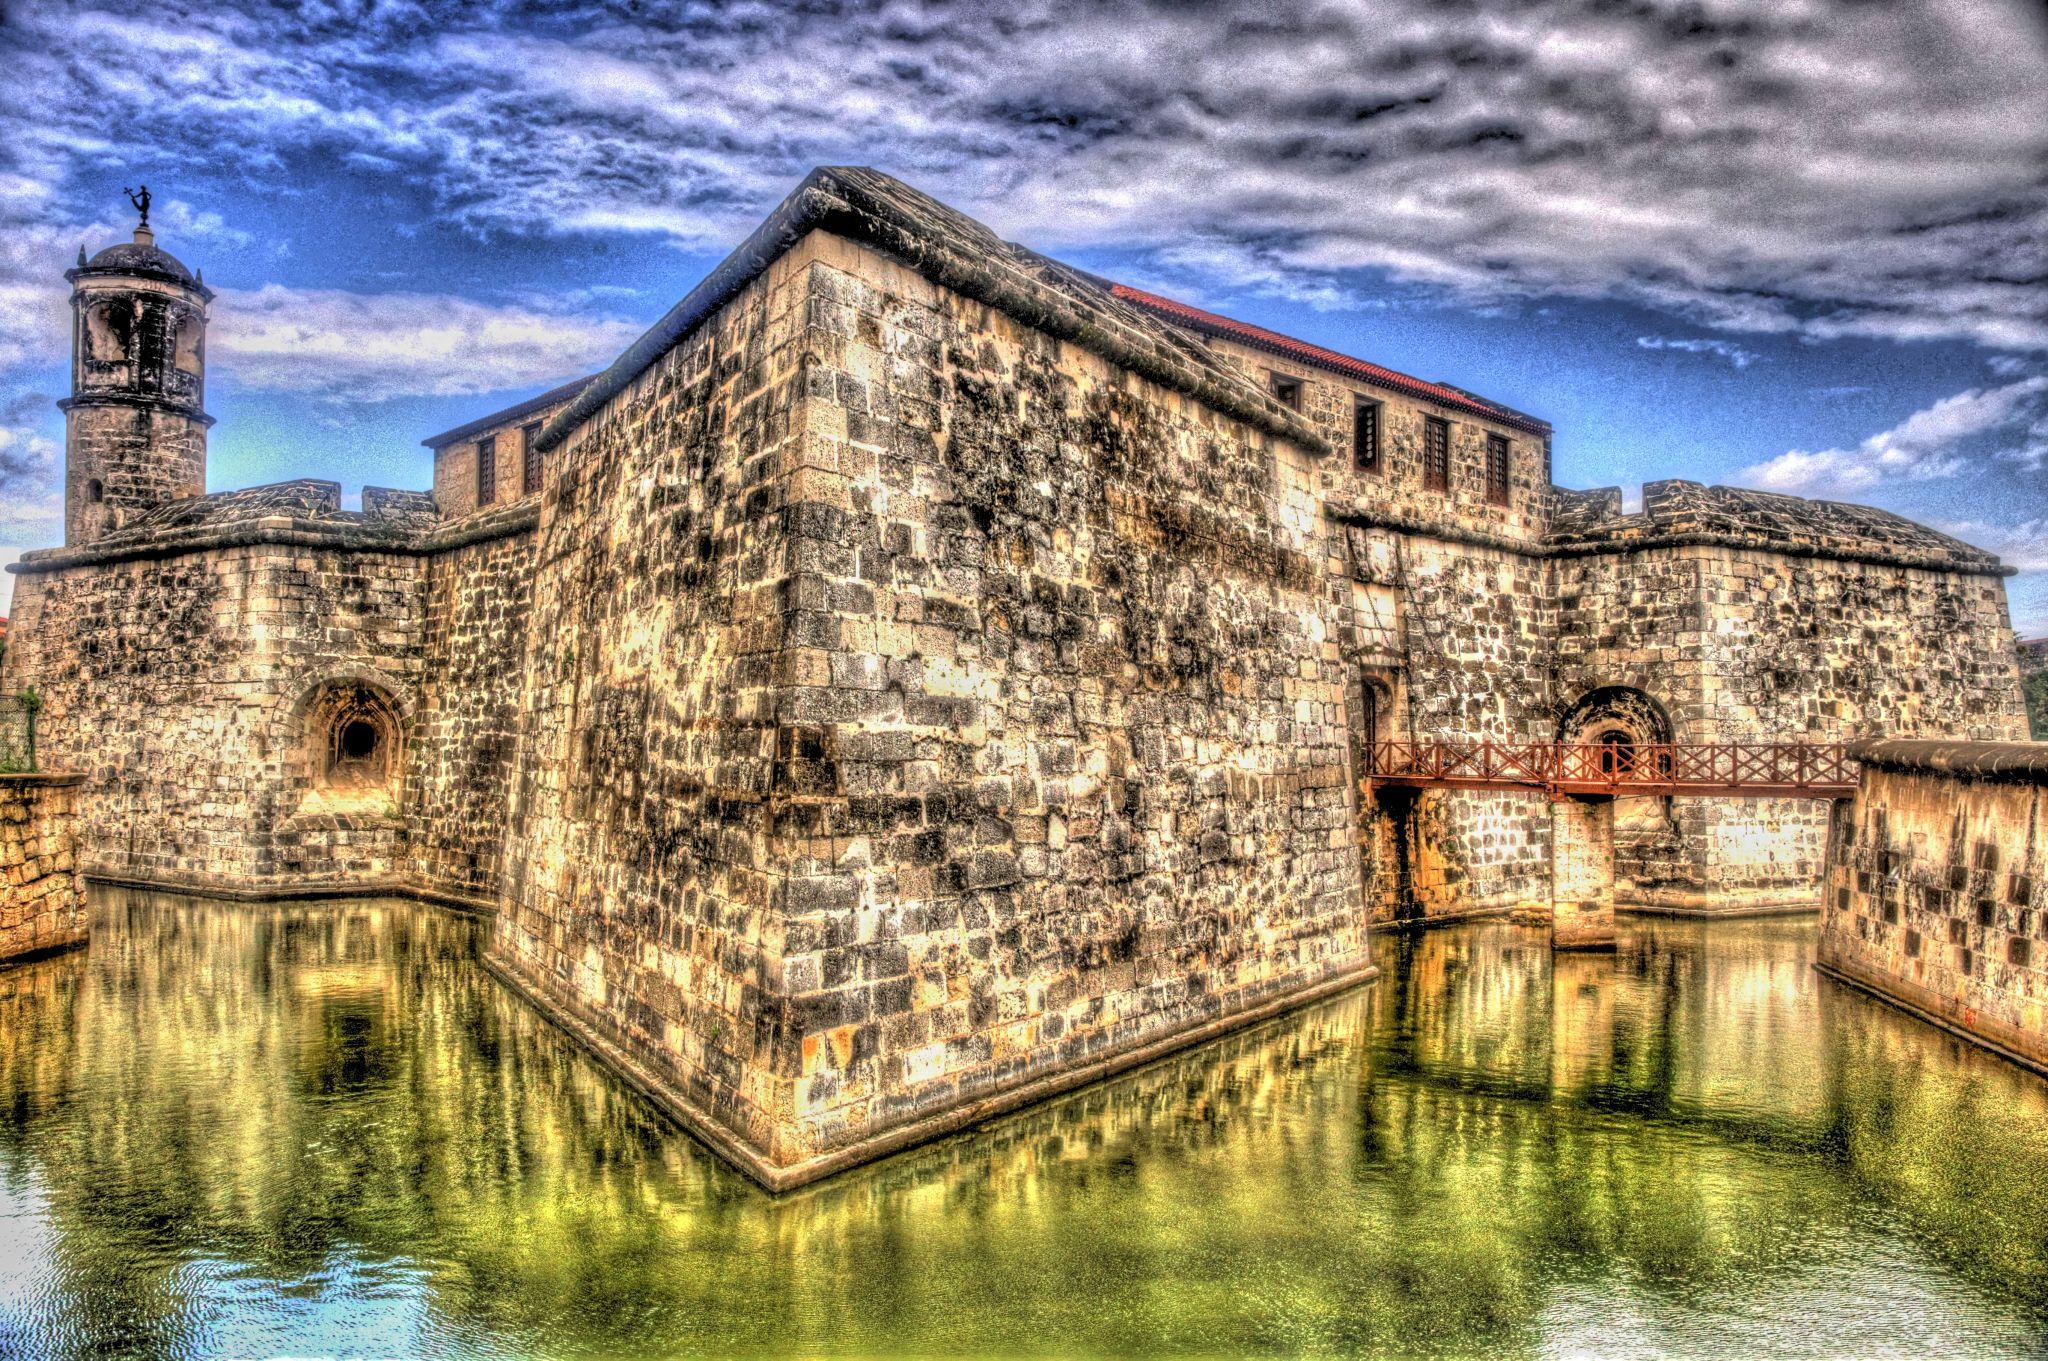 Castillo de la Real Fuerza in Havana, Cuba, Cuba